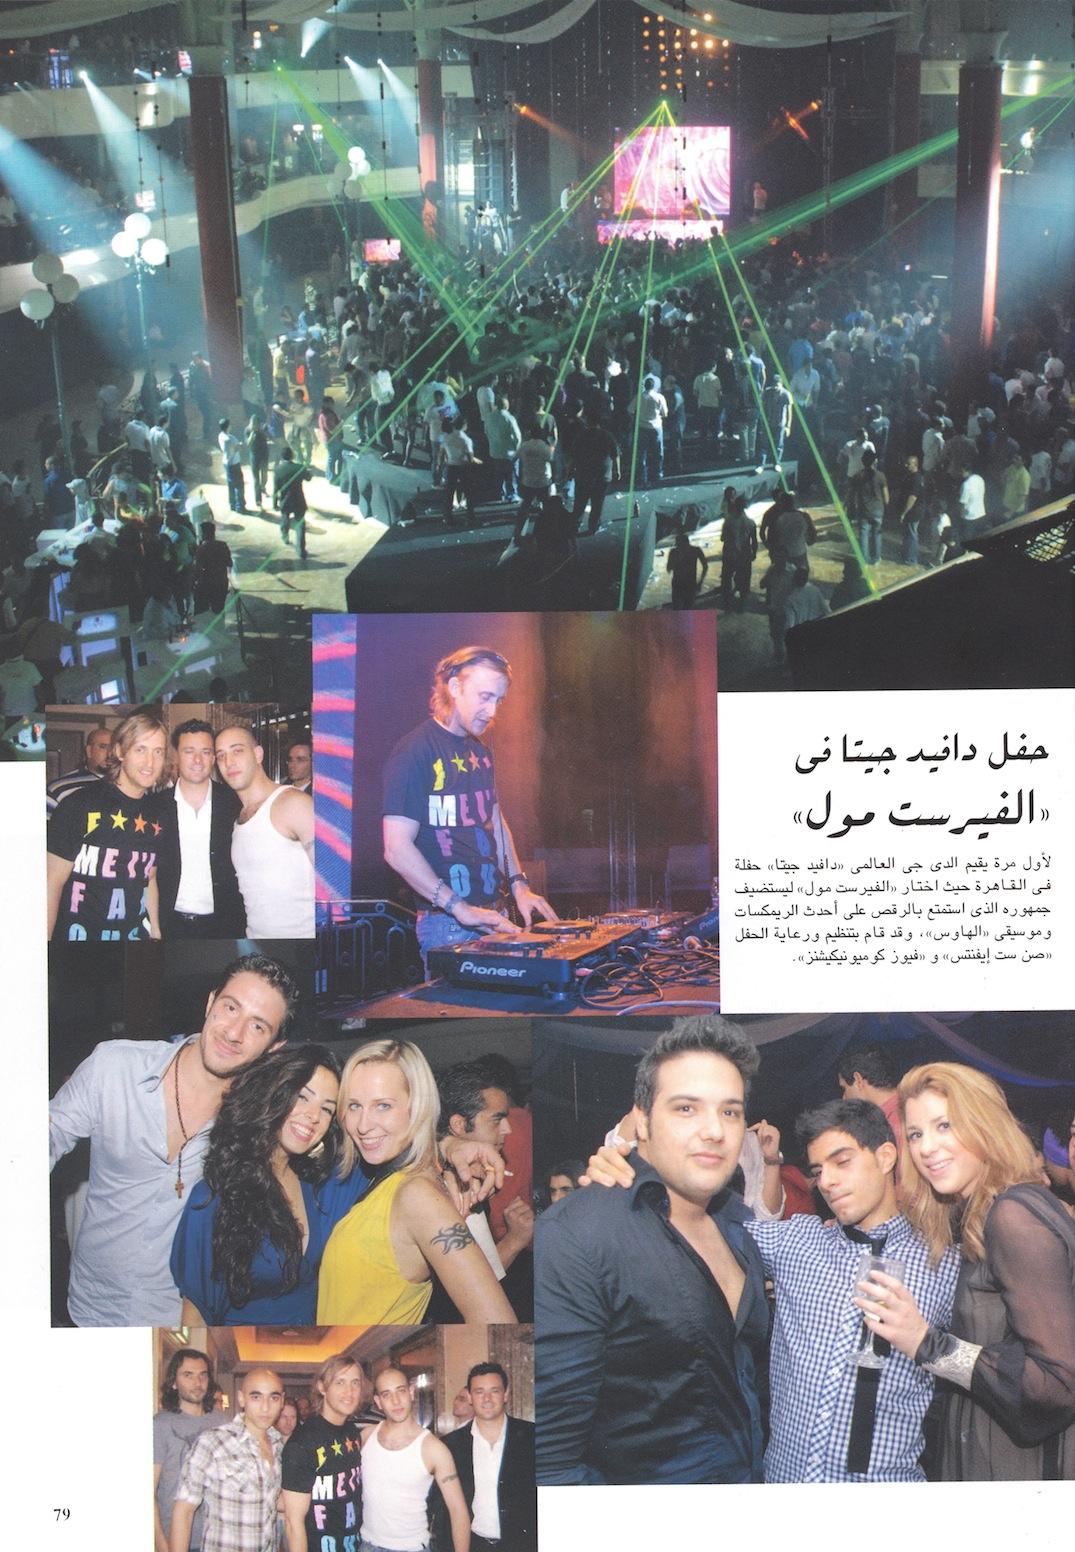 David Guetta concert at Kol El Nas mag